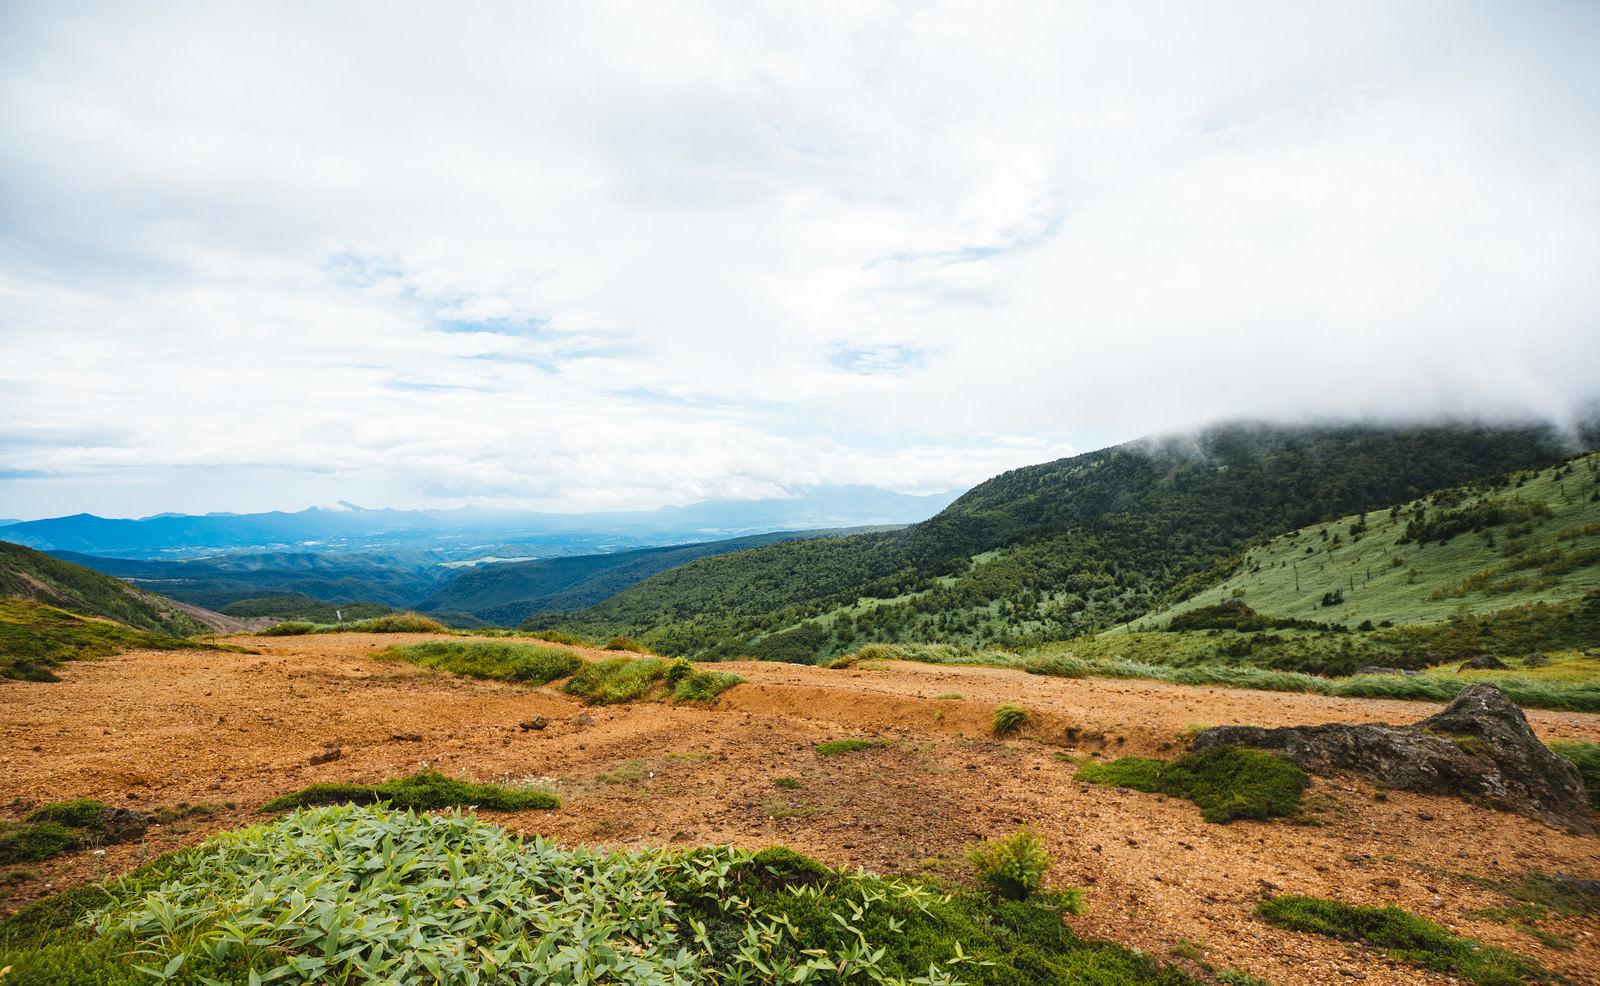 「毛無峠から見える景観」の写真